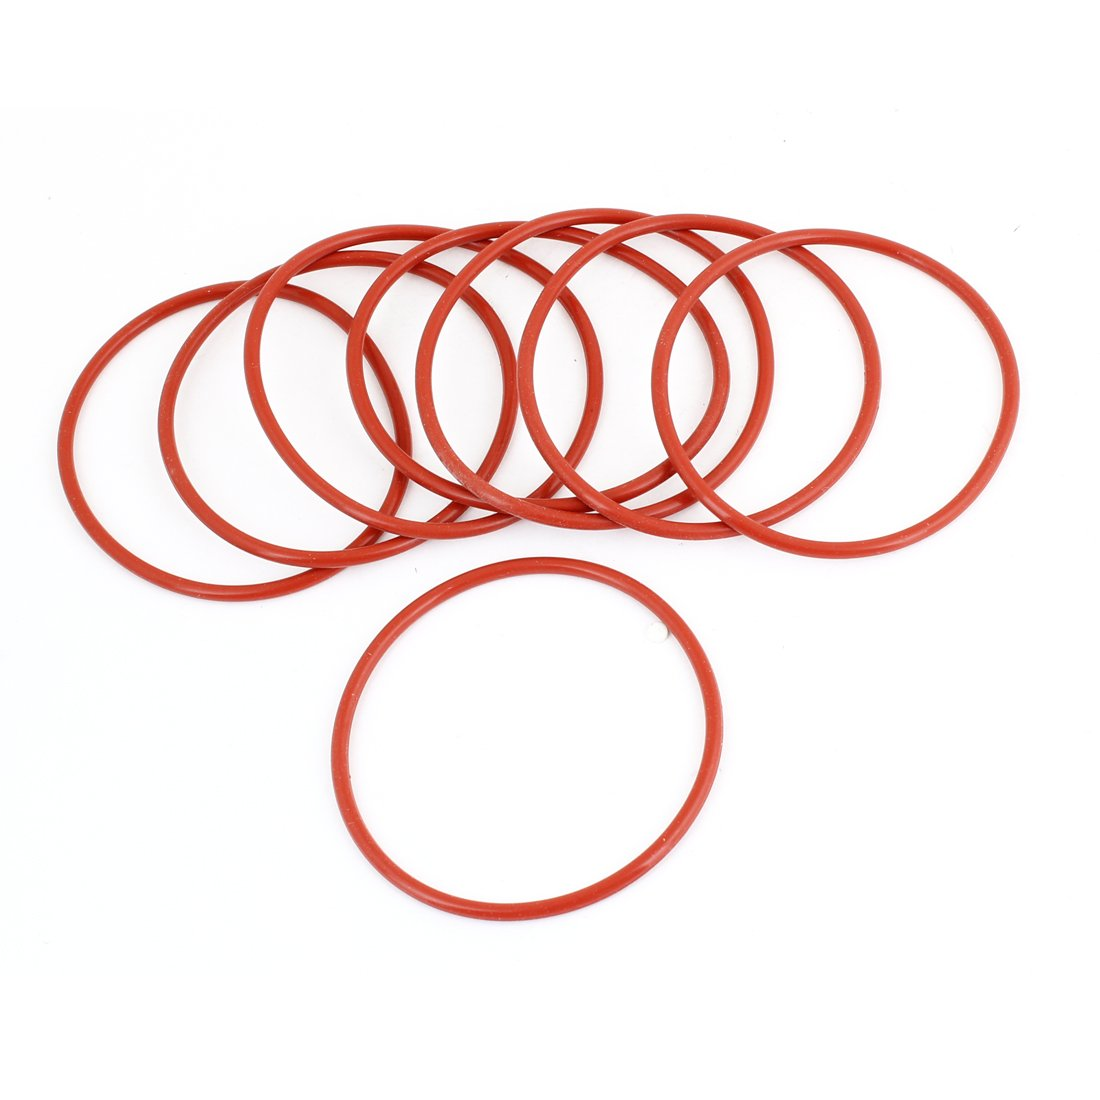 8 St/ück 68 mm Durchmesser 2 mm Gummi O-Ringe Dichtungen